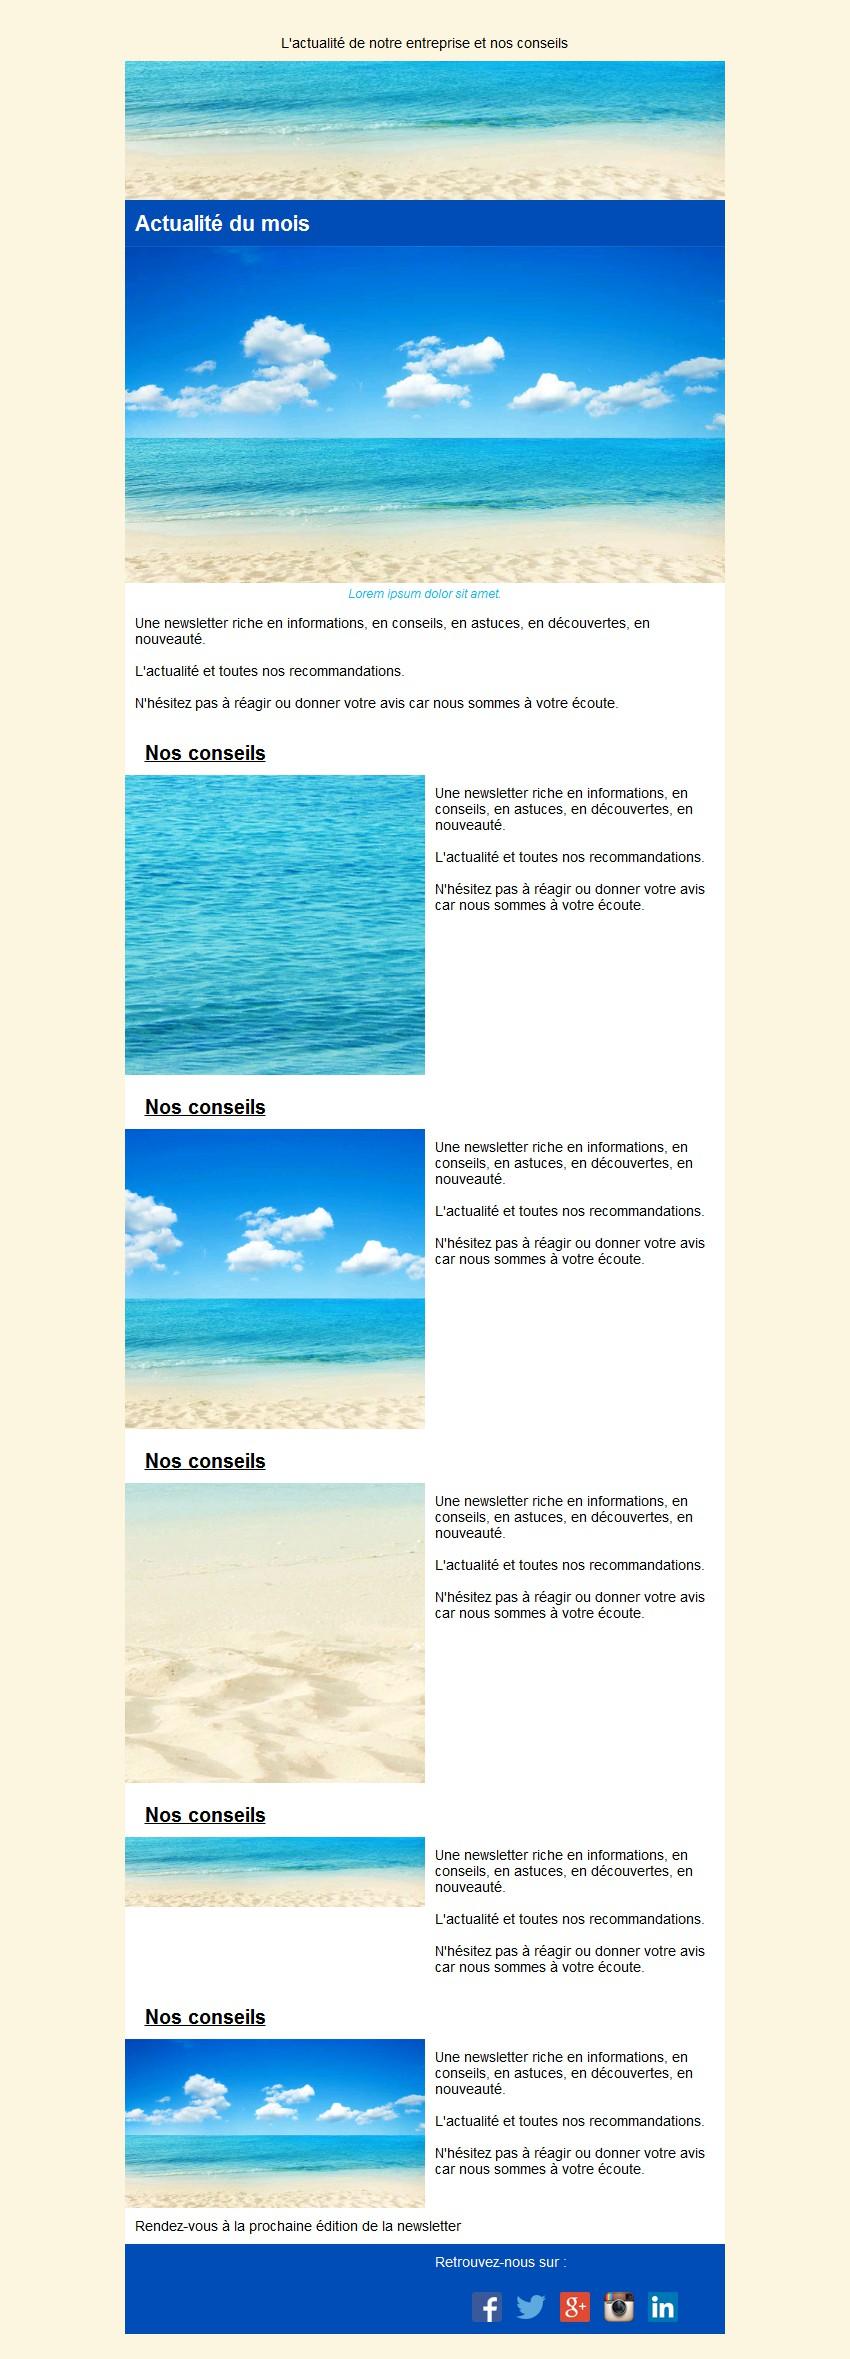 Newsletter texte et image avec édito